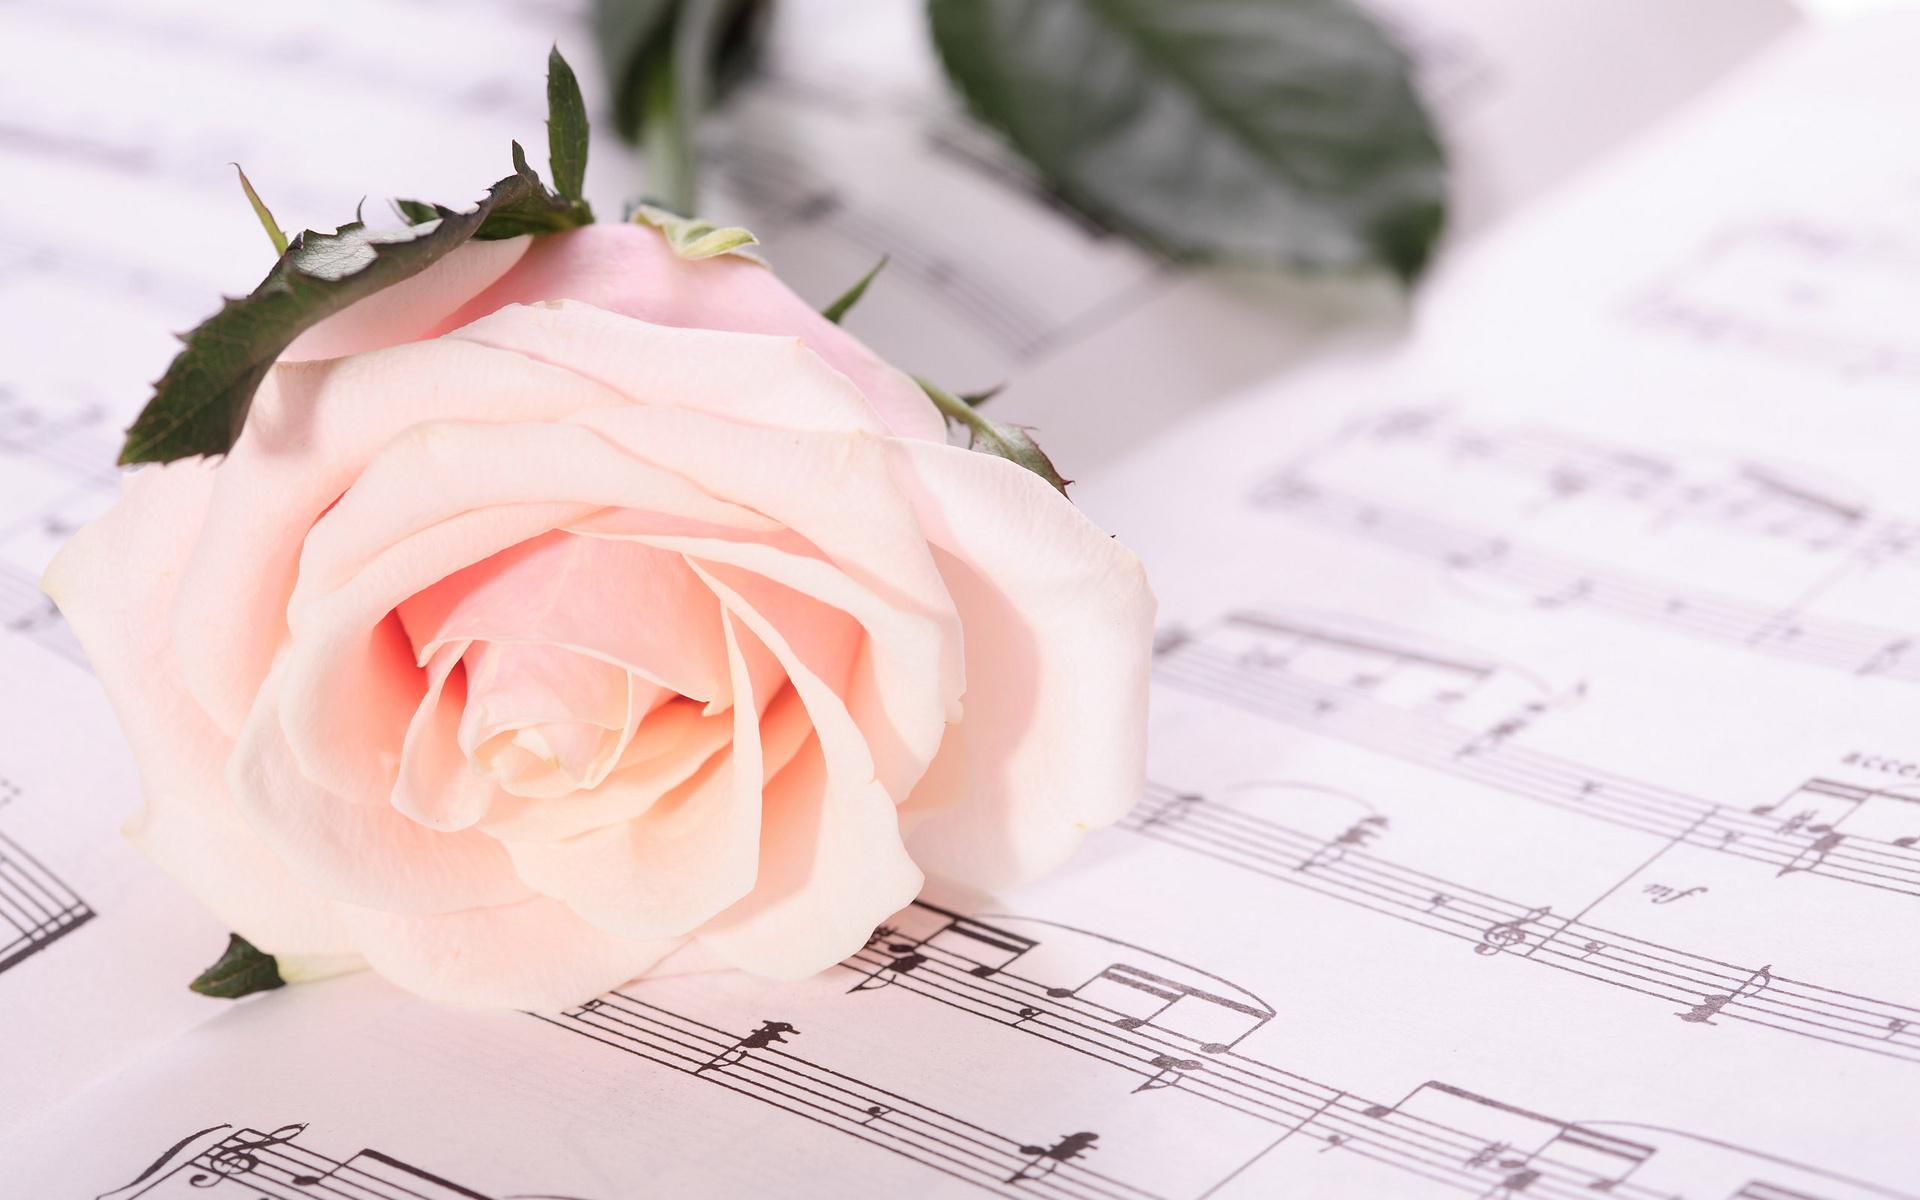 цветы тетрадь листы сердце  № 1351129 без смс